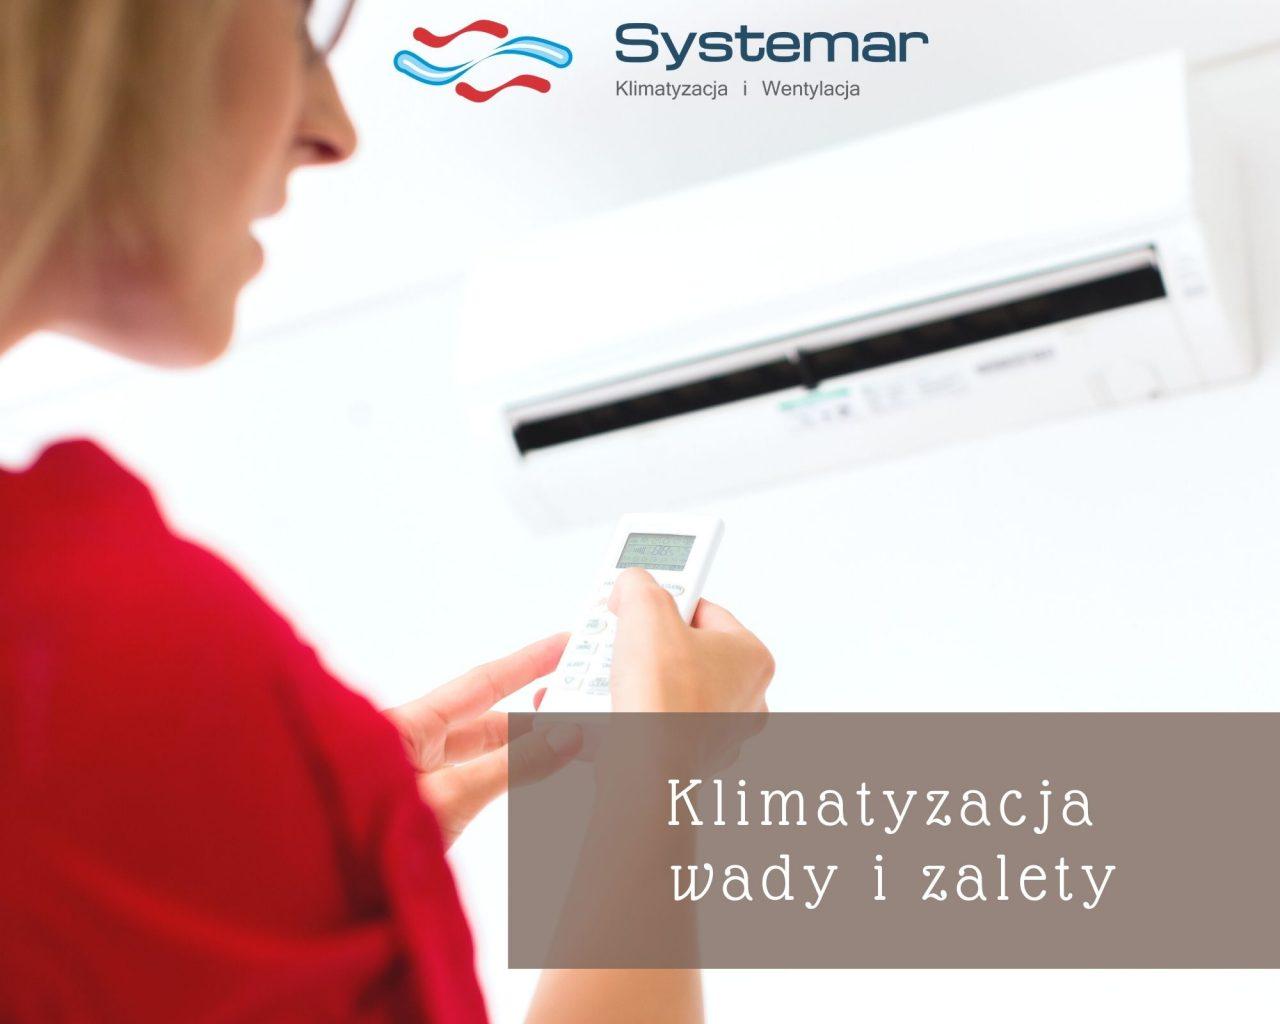 https://systemar.pl/wp-content/uploads/2021/01/klimatyzacja-wady-i-zalety-1280x1024.jpg